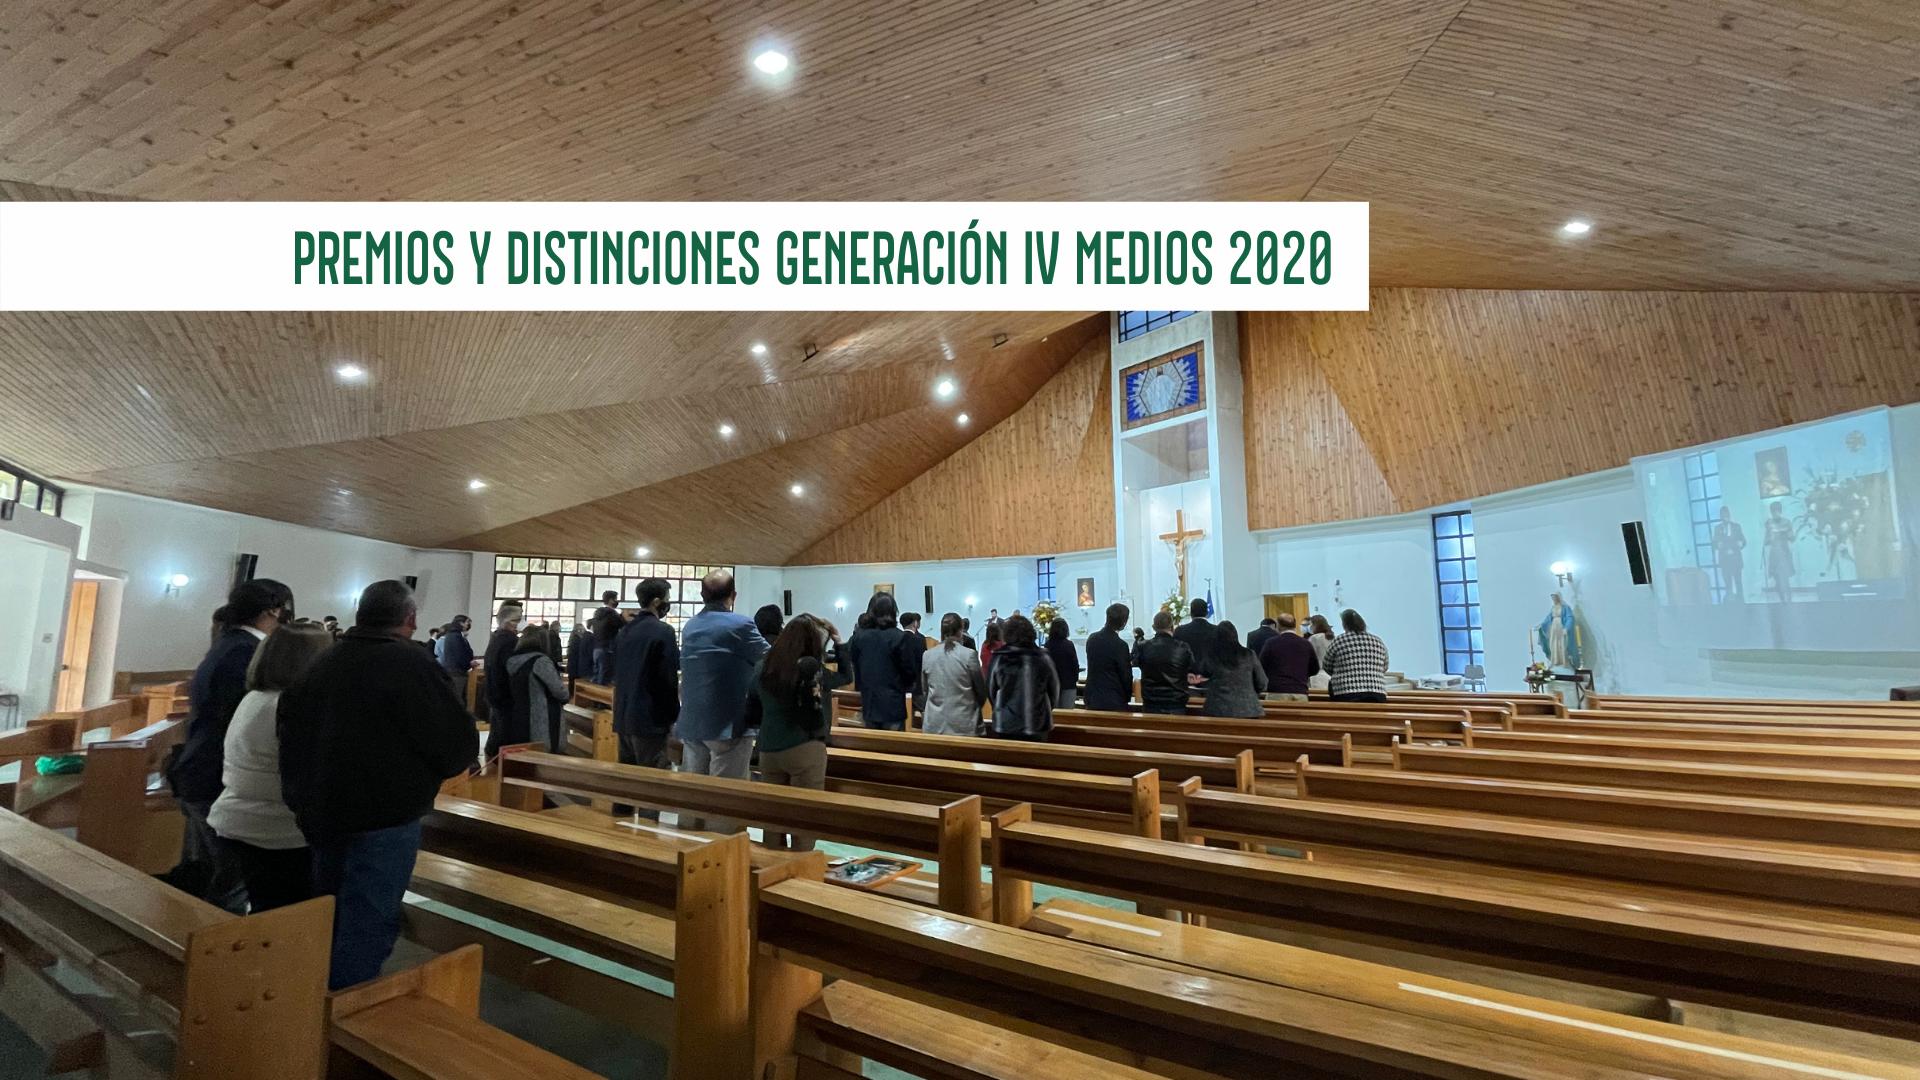 PREMIOS Y DISTINCIONES GENERACIÓN IV MEDIOS 2020